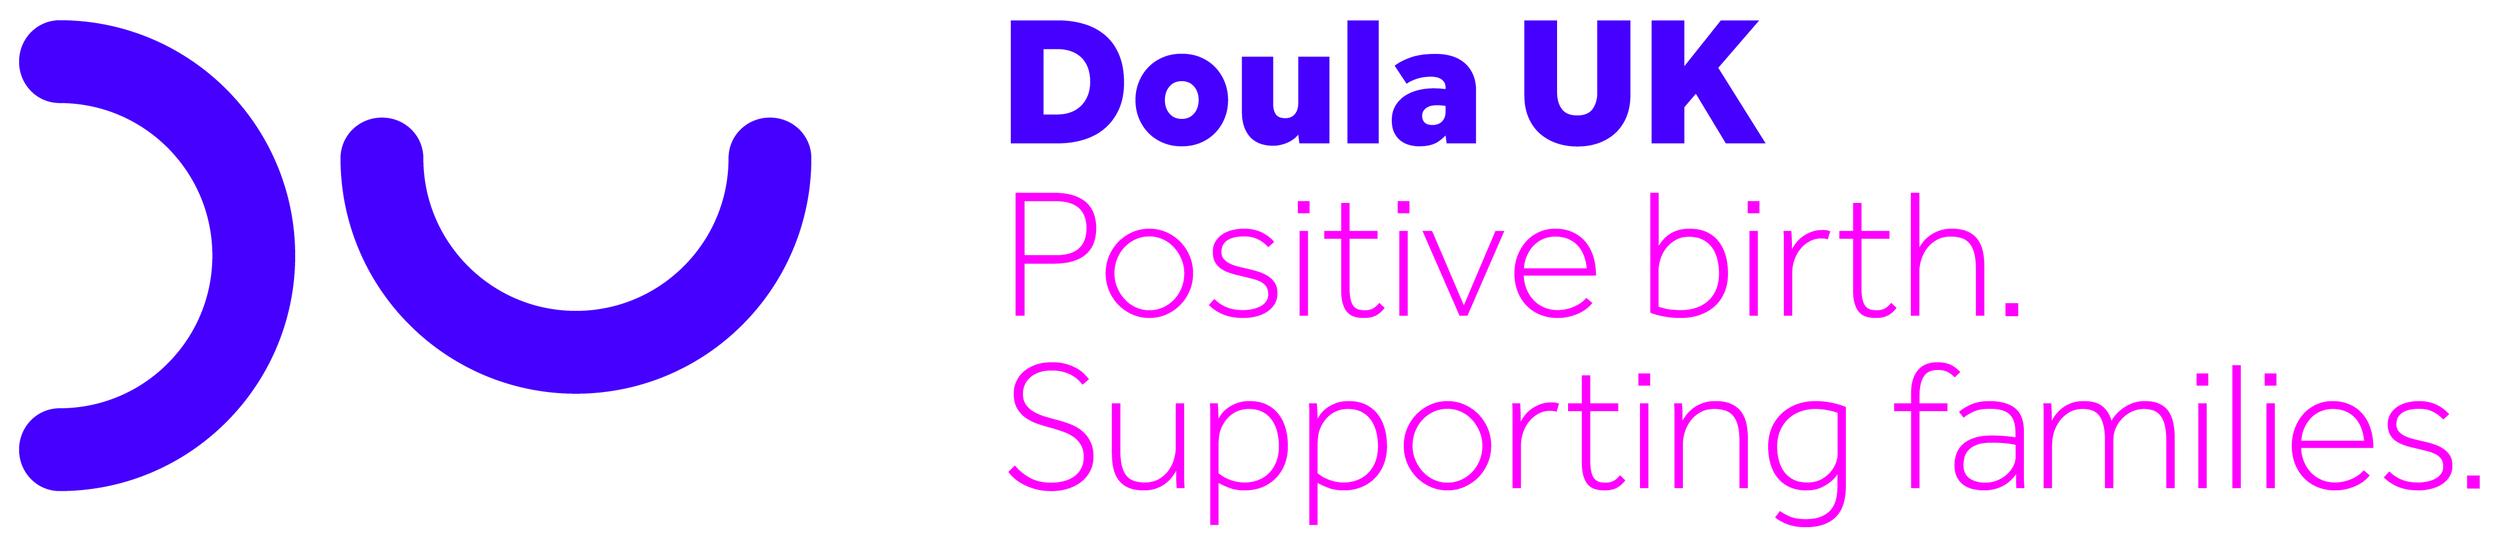 DUK logo.large.jpg